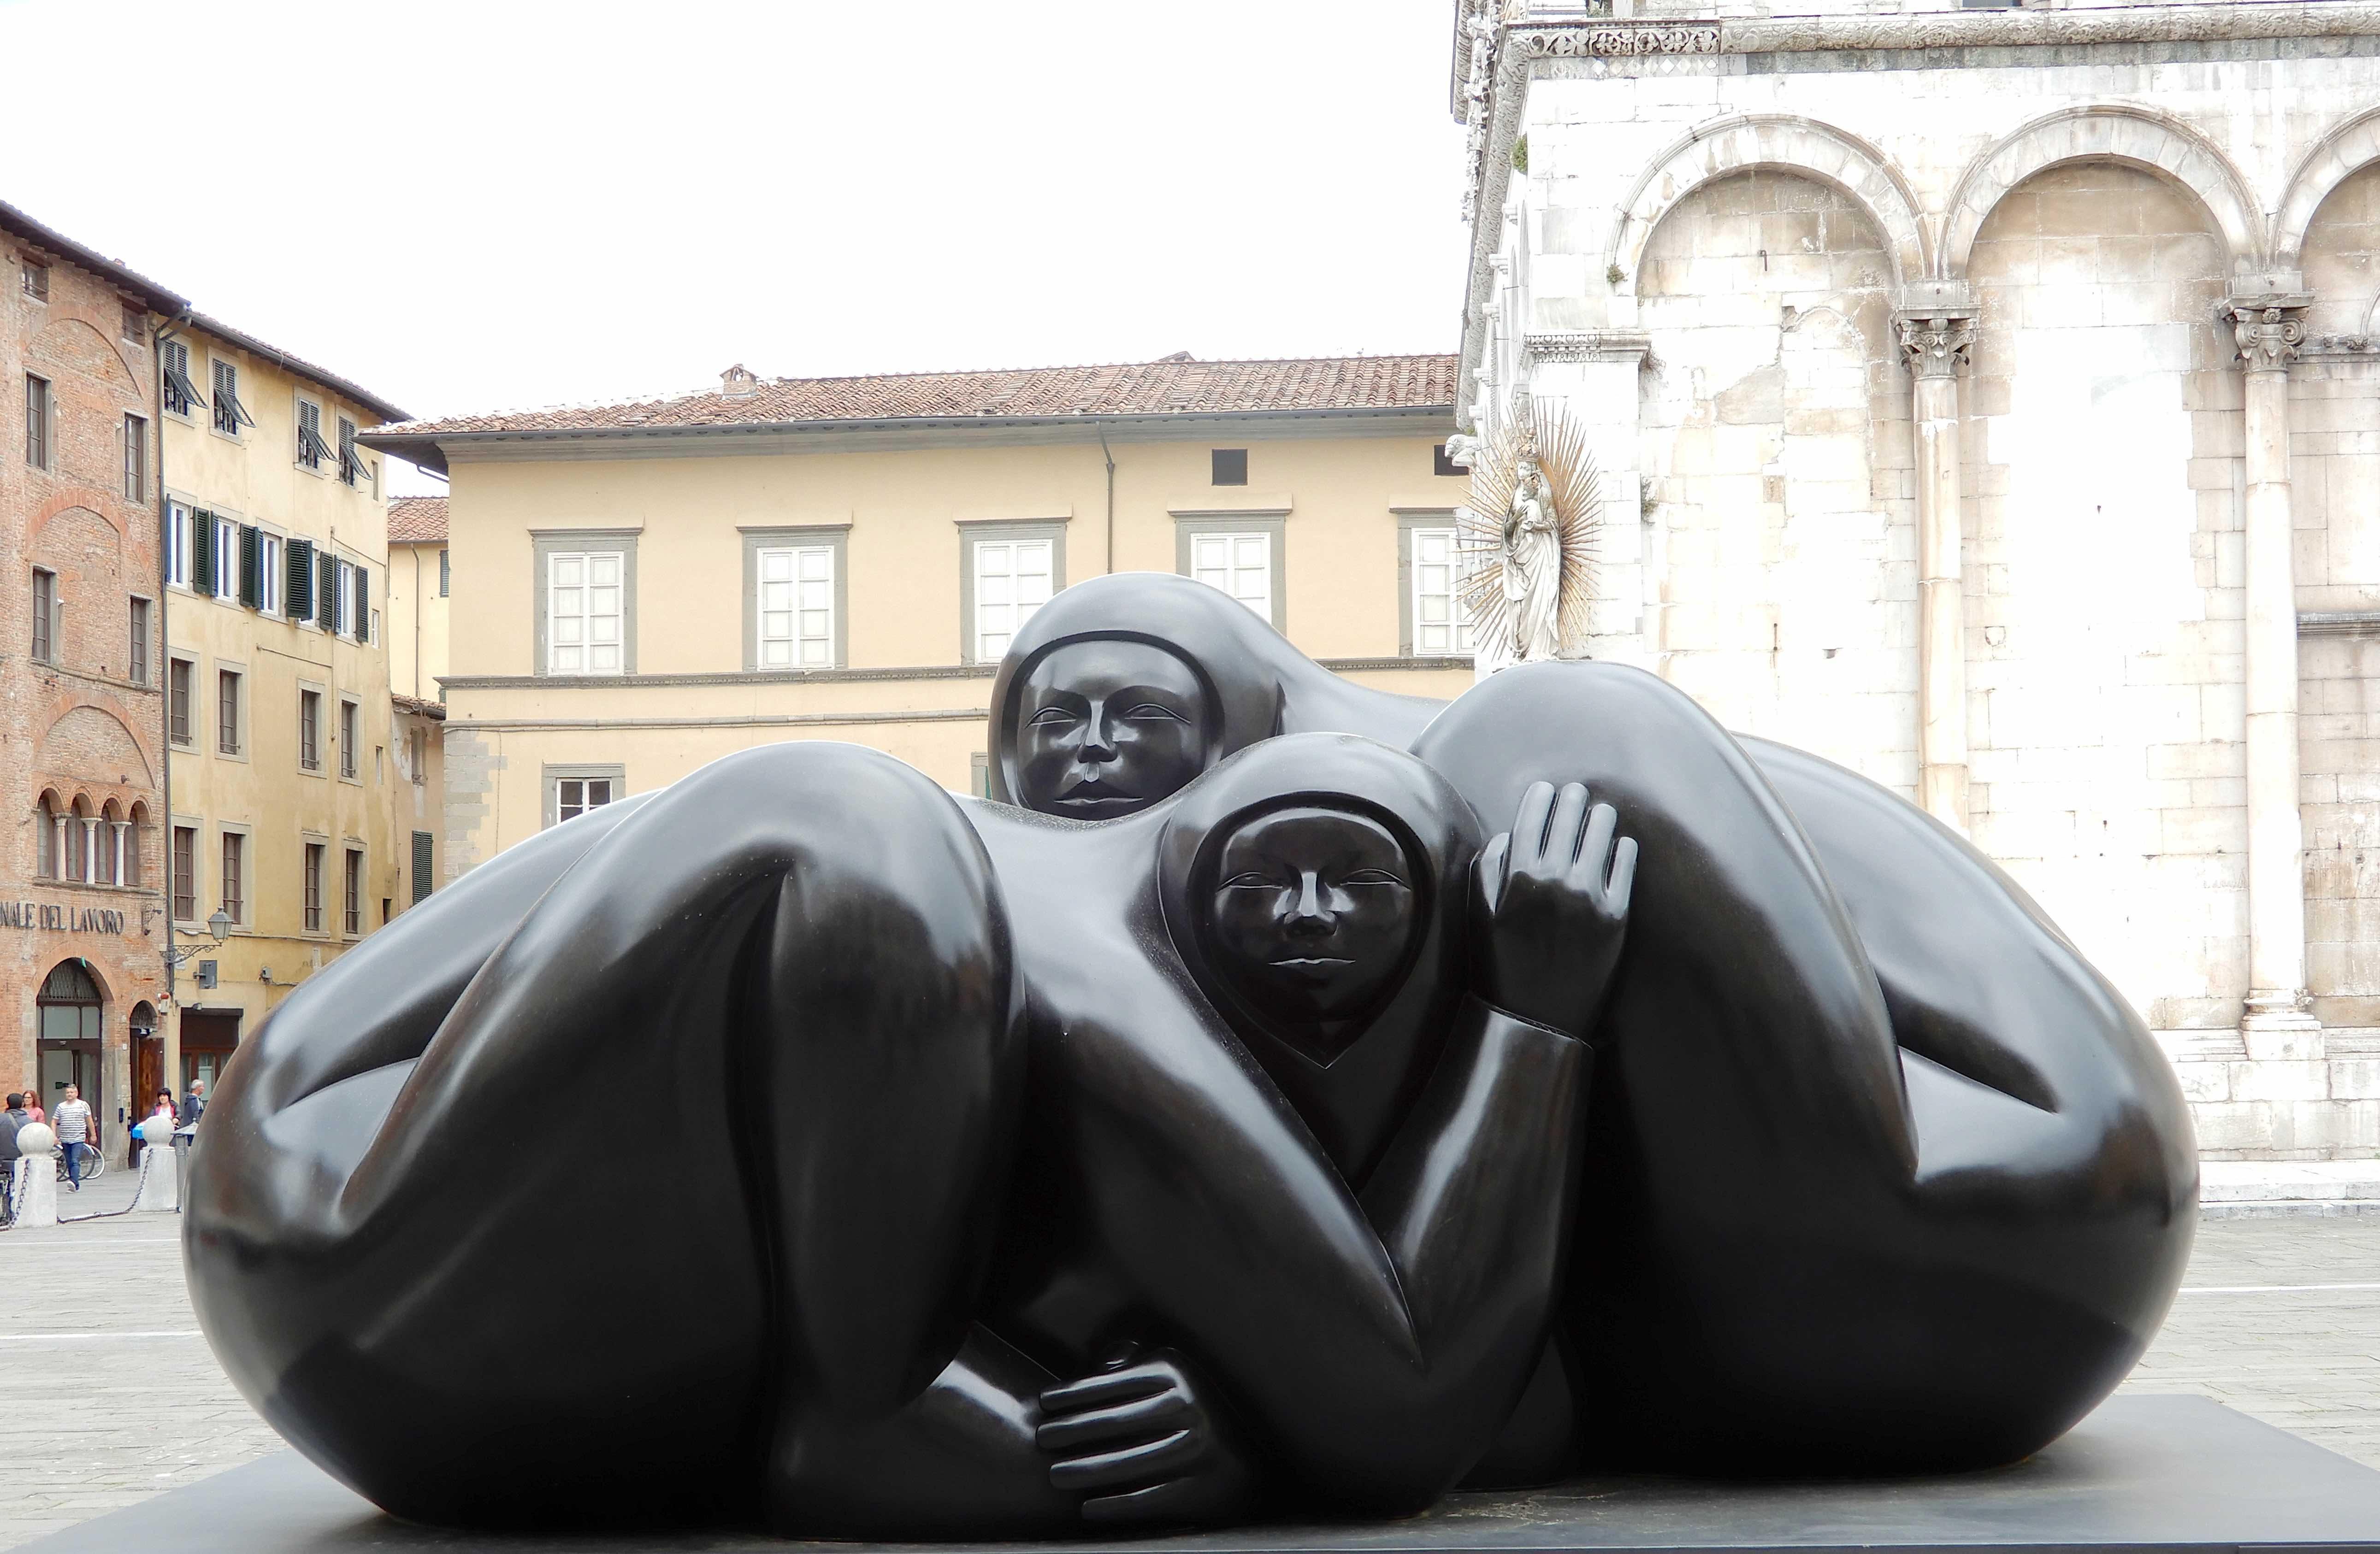 12.Encuentro, Piazza San Michele